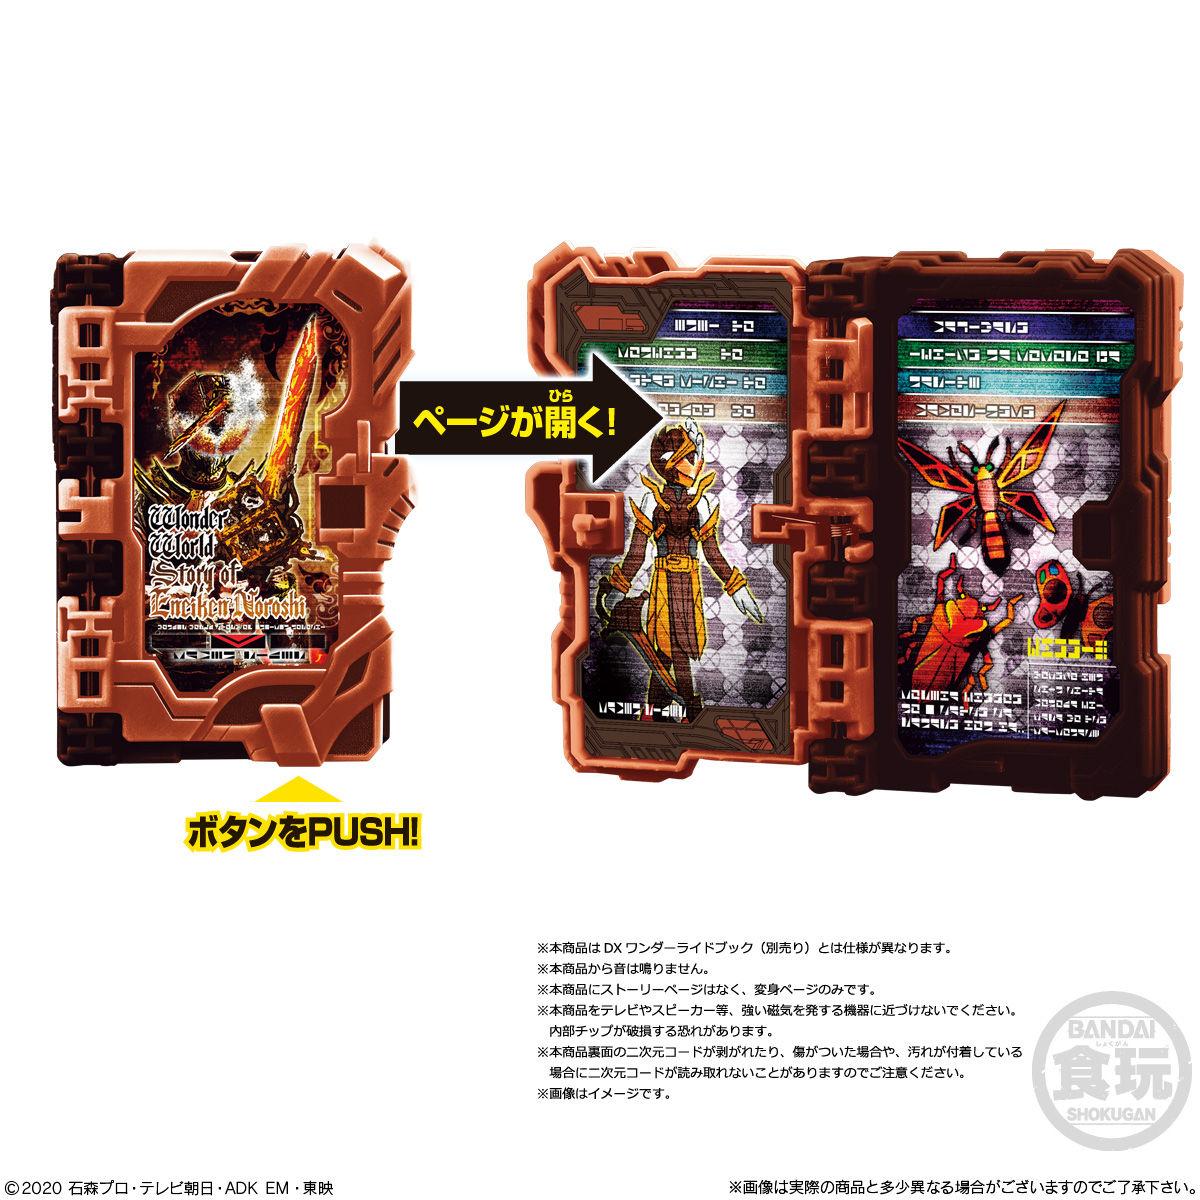 【食玩】仮面ライダーセイバー『コレクタブルワンダーライドブック SG08』8個入りBOX-008